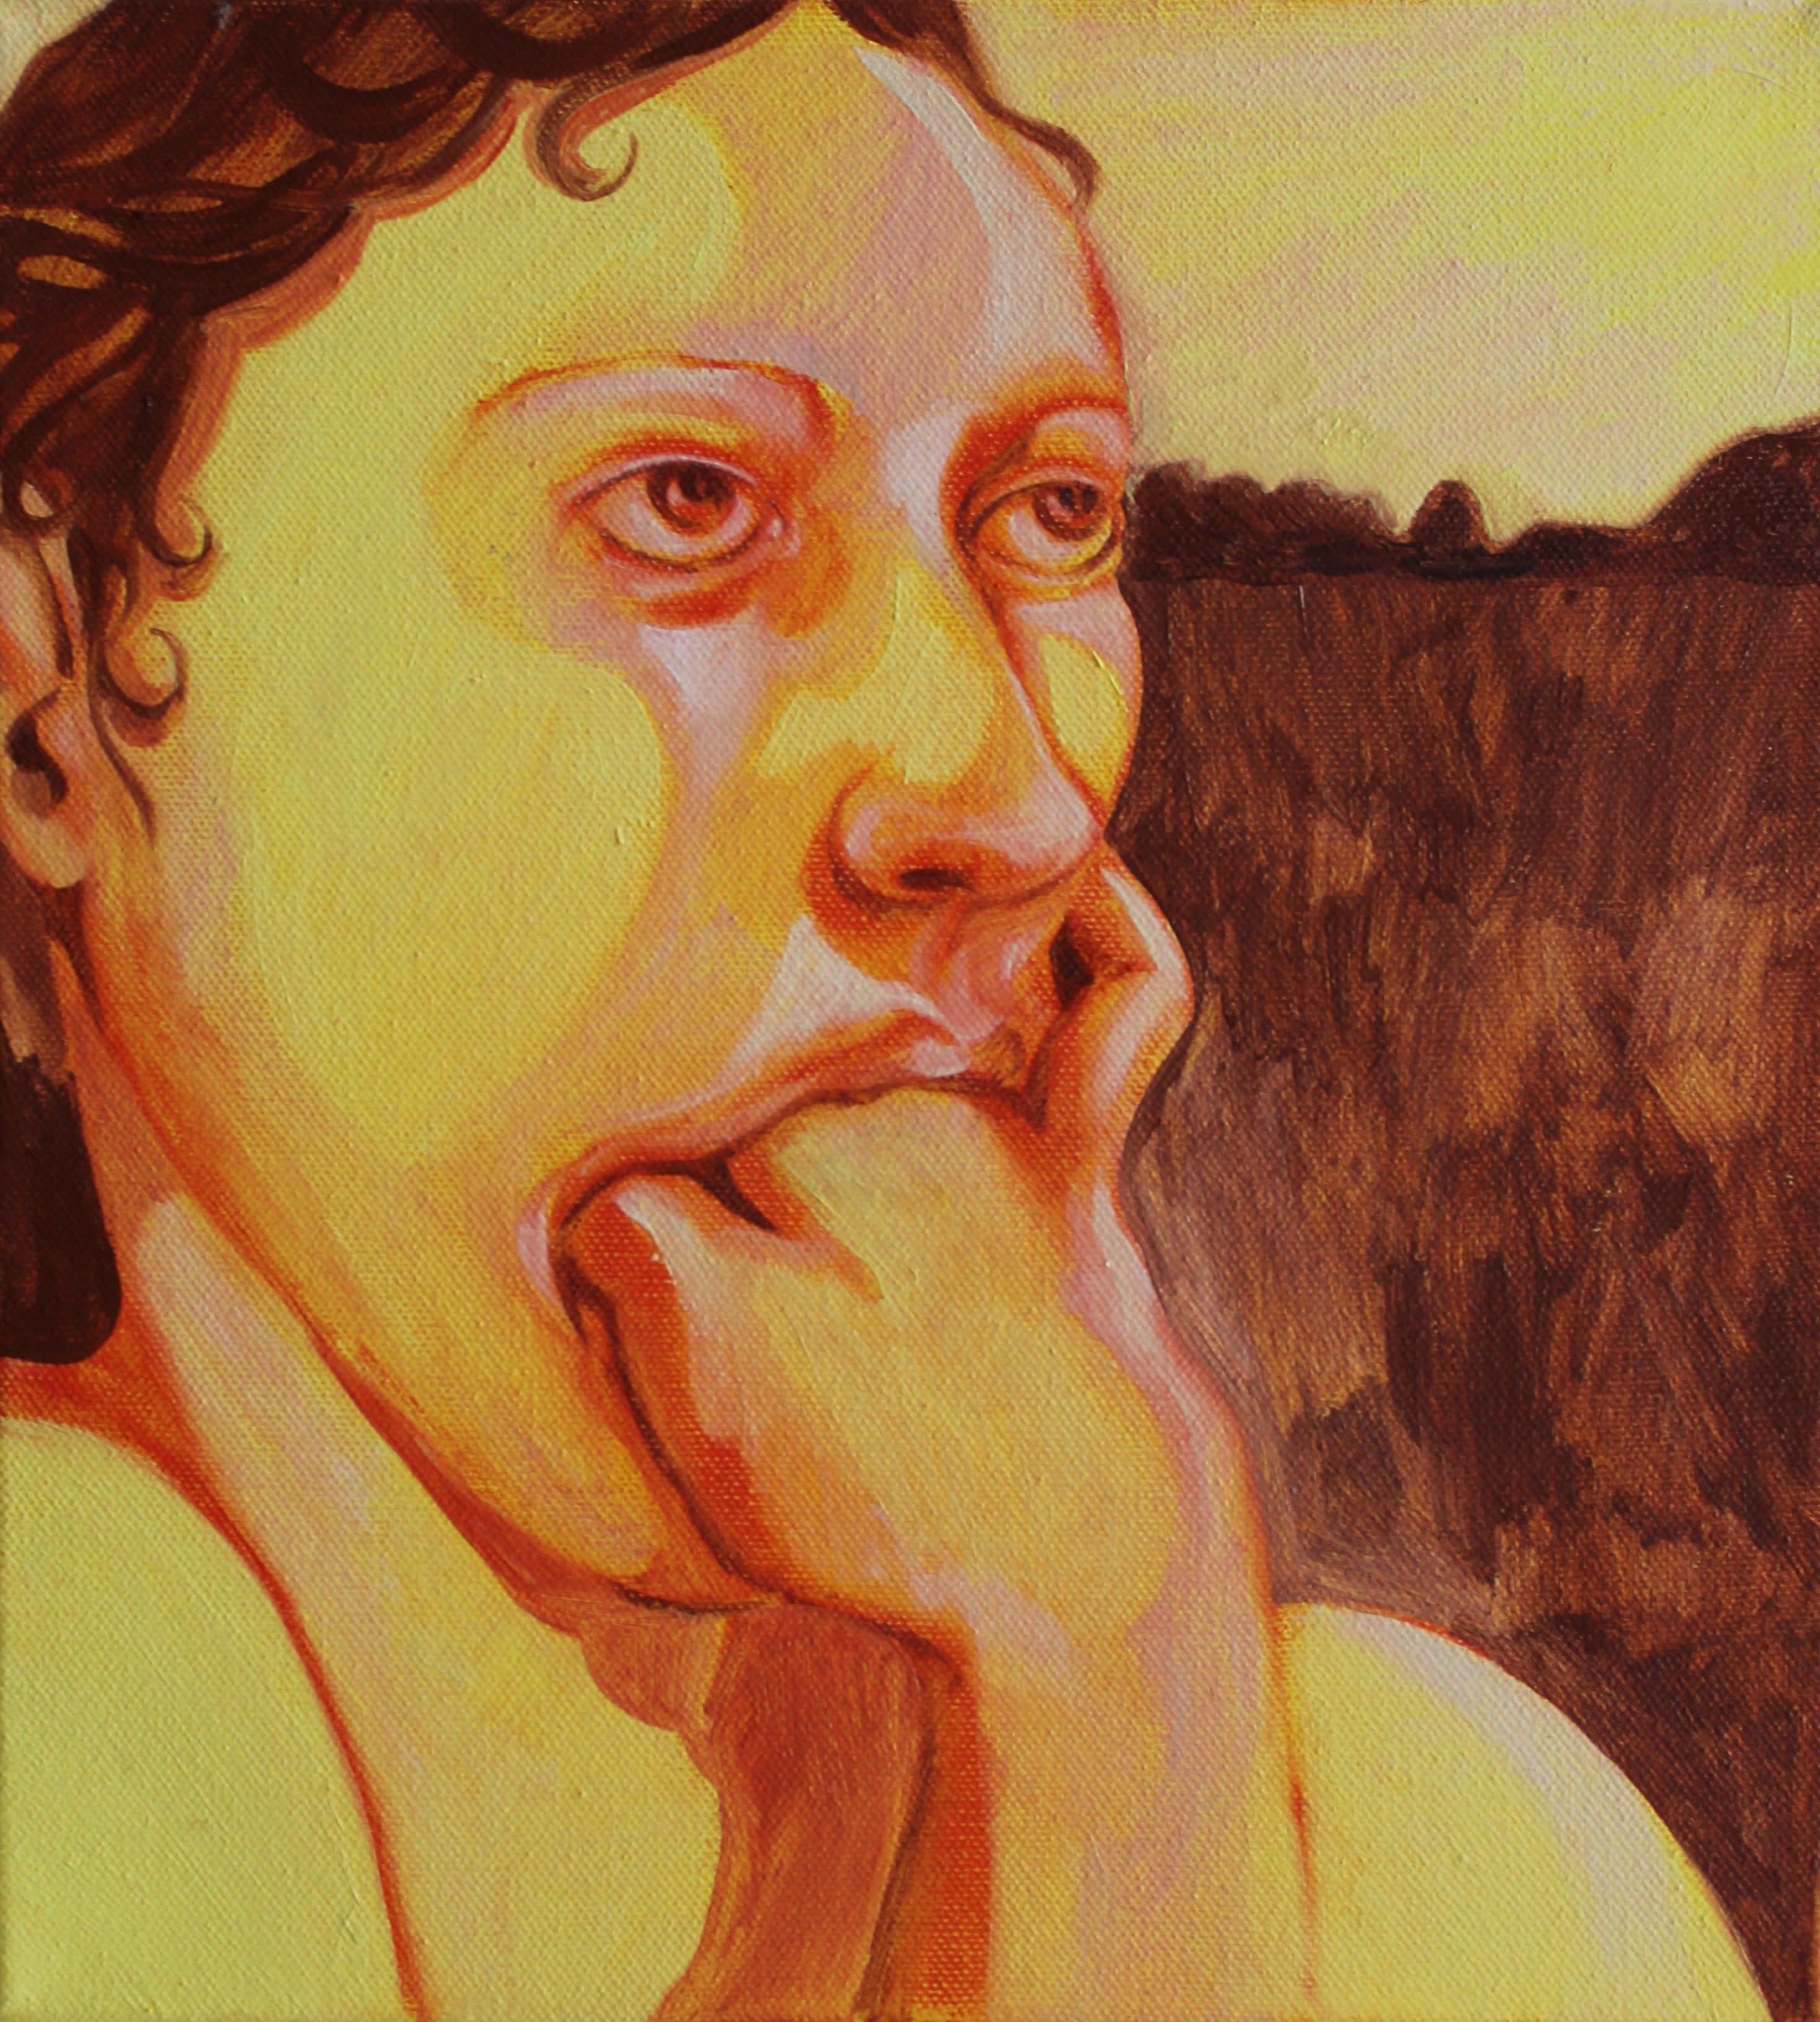 nettle grellier painting buy london artwork